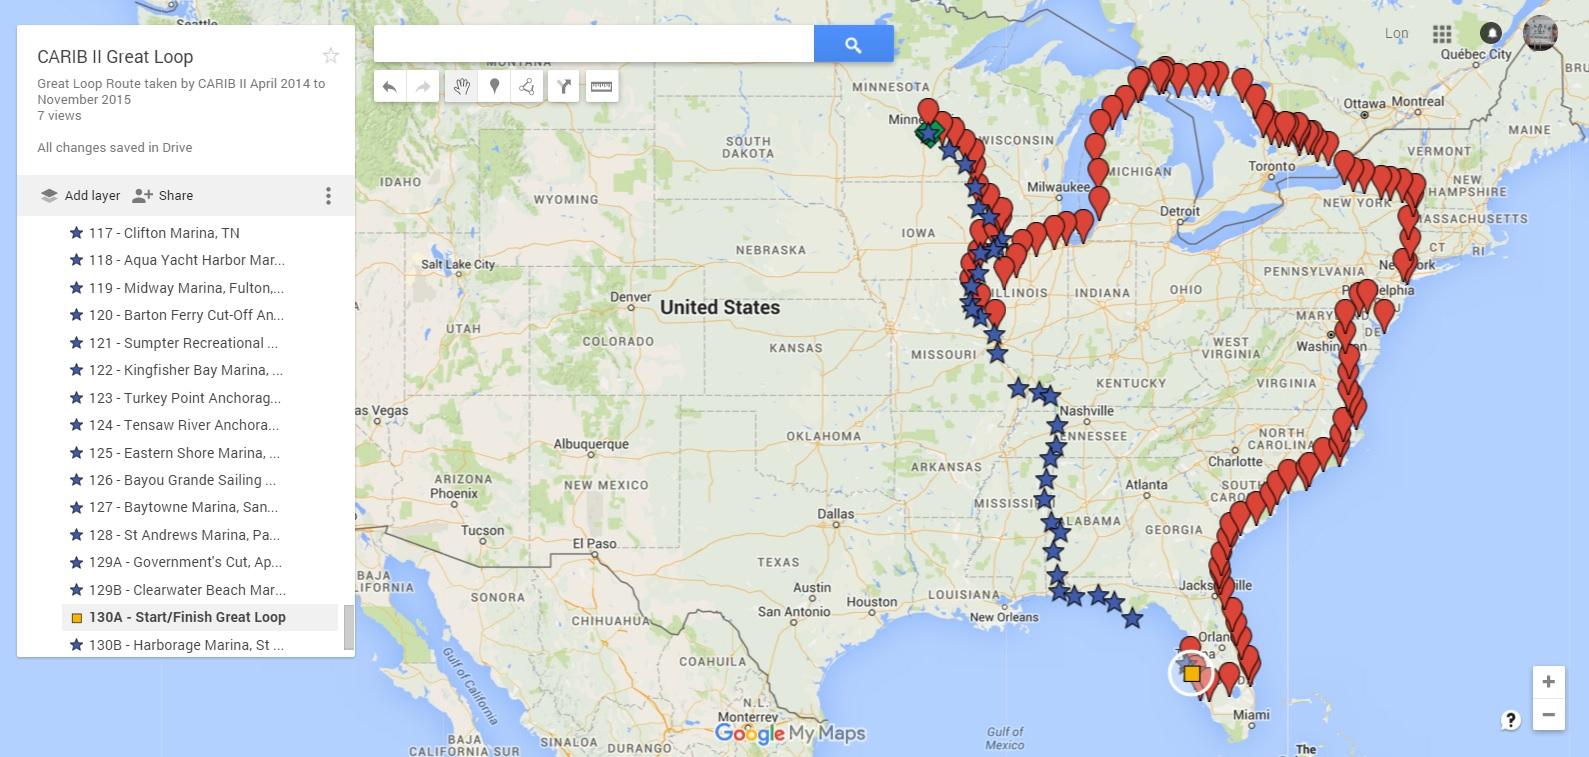 https www google com maps d edit mid zsp1spnvxb1m kxqbiqx373w4 usp sharing